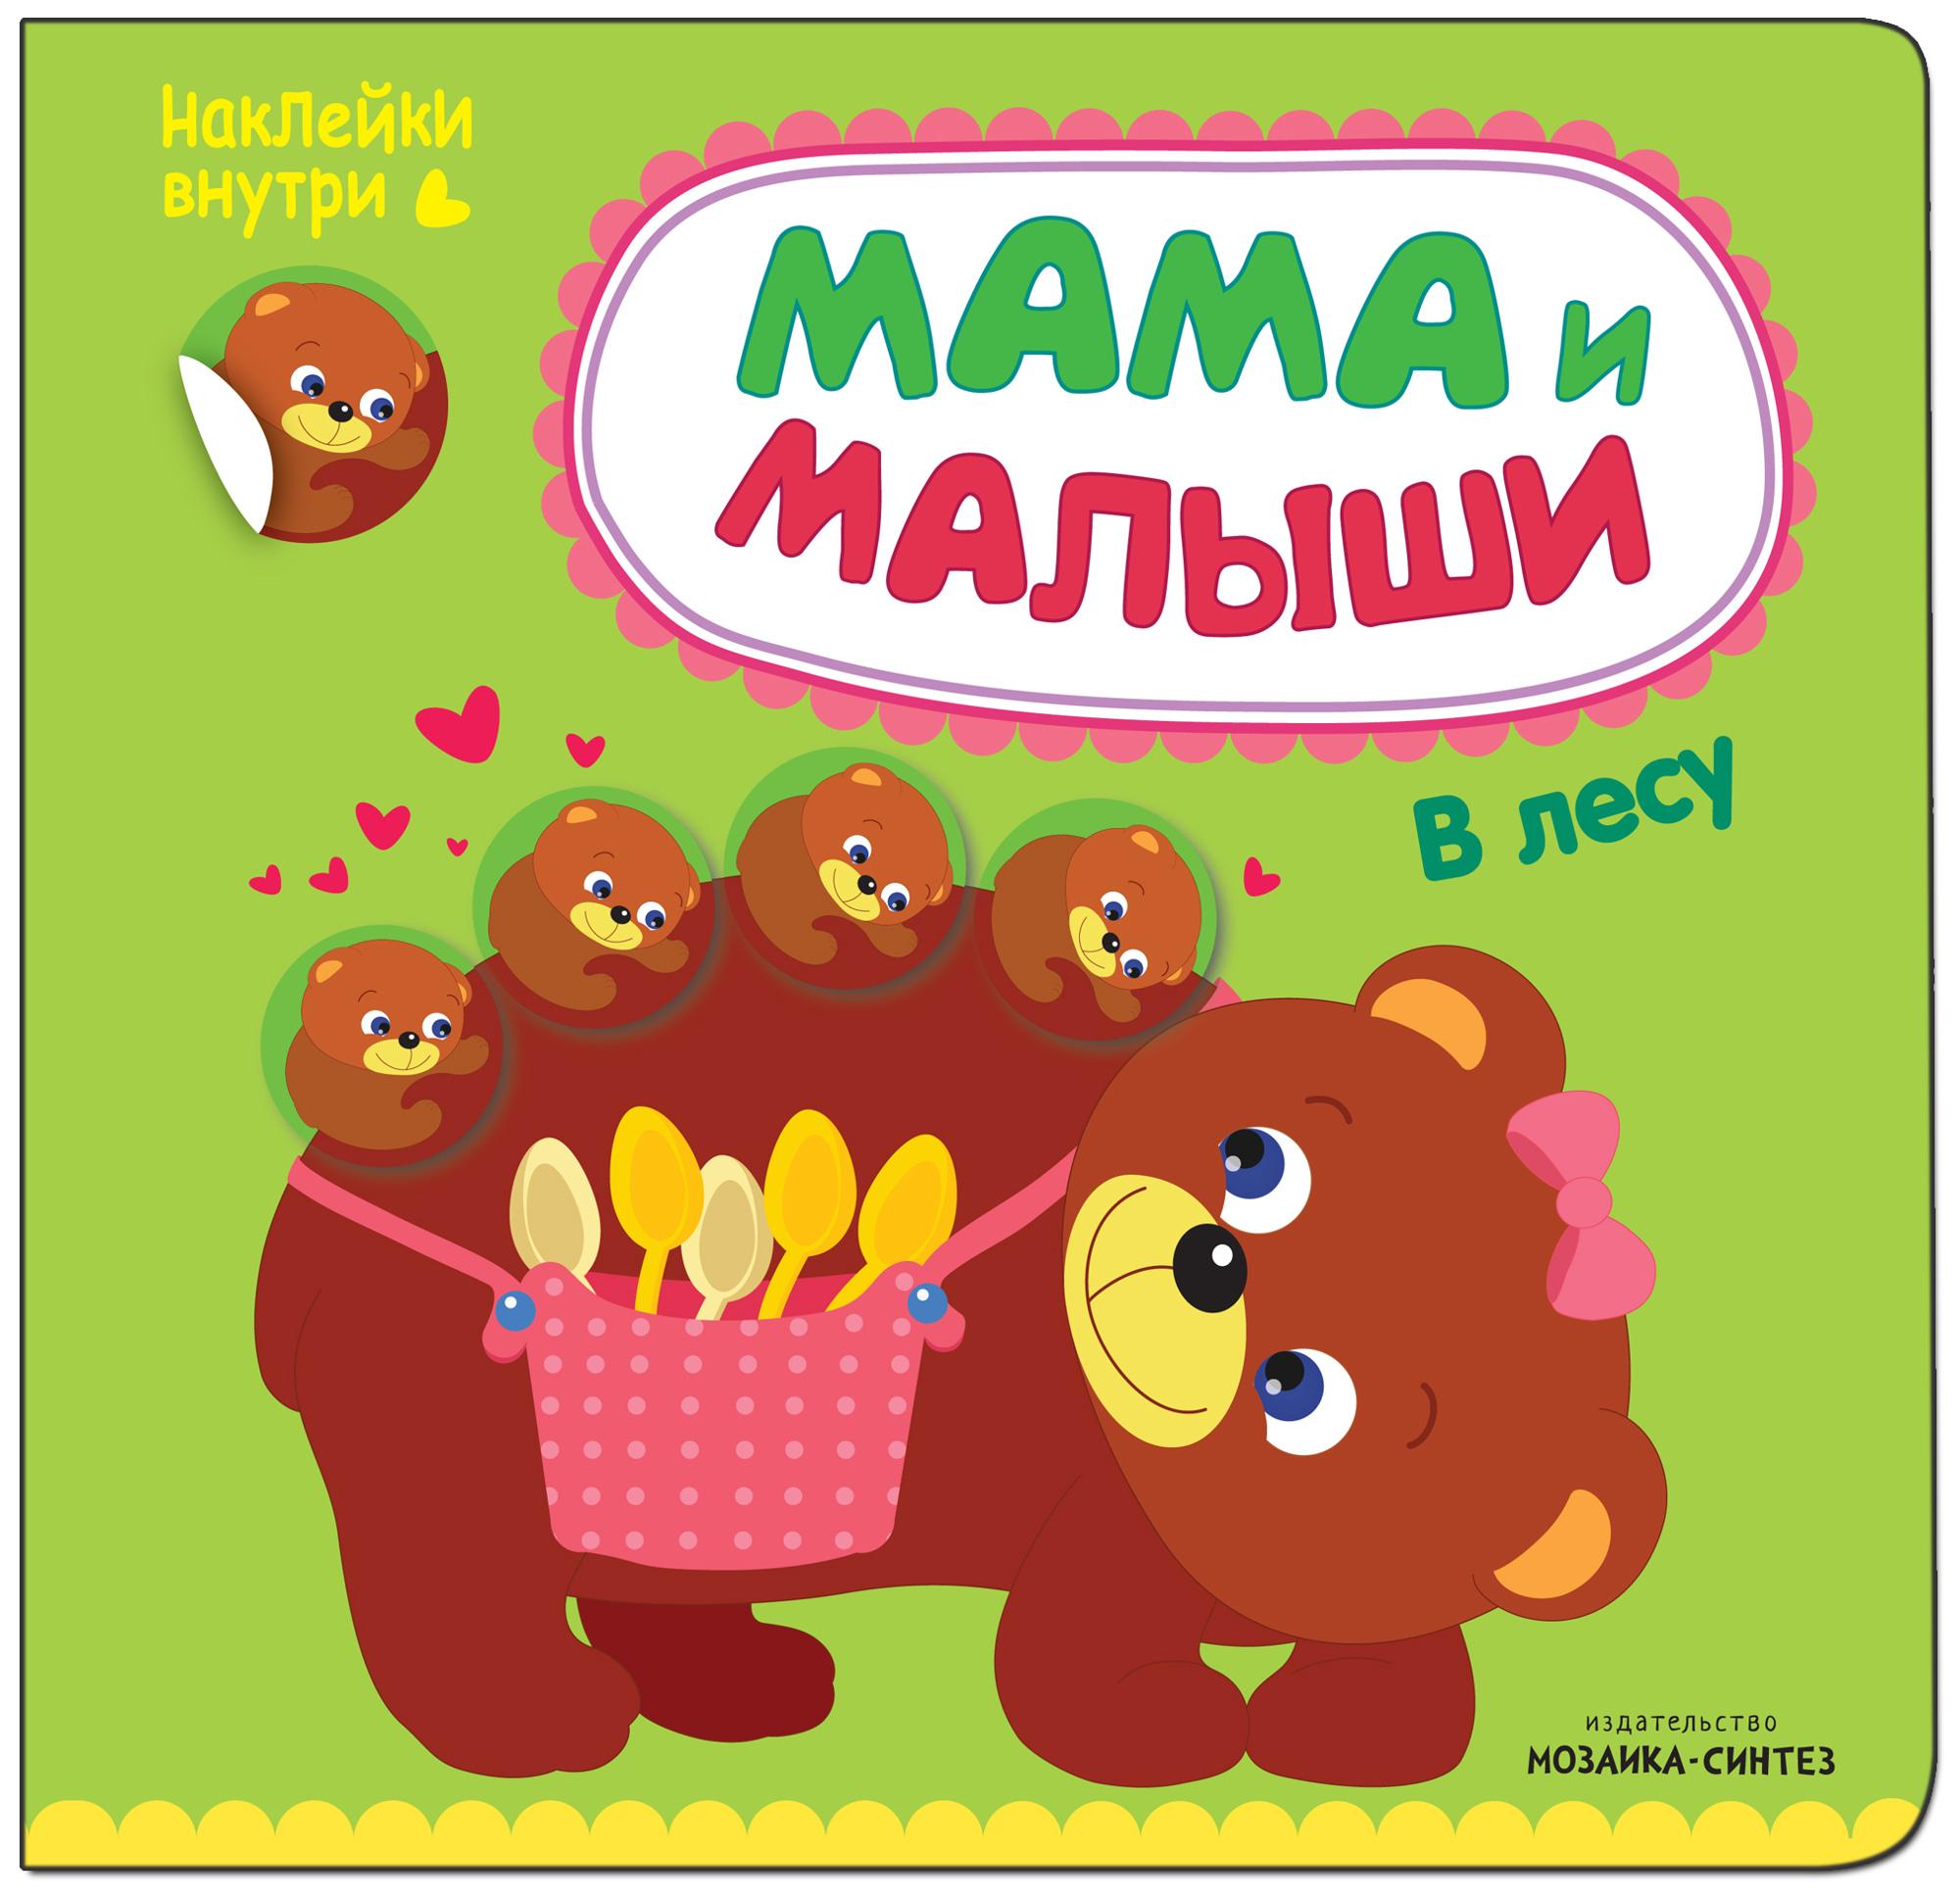 Купить Книжка с наклейками Мама И Малыши «В Лесу» (Наклейки Внутри), Мозаика-Синтез, Книги по обучению и развитию детей